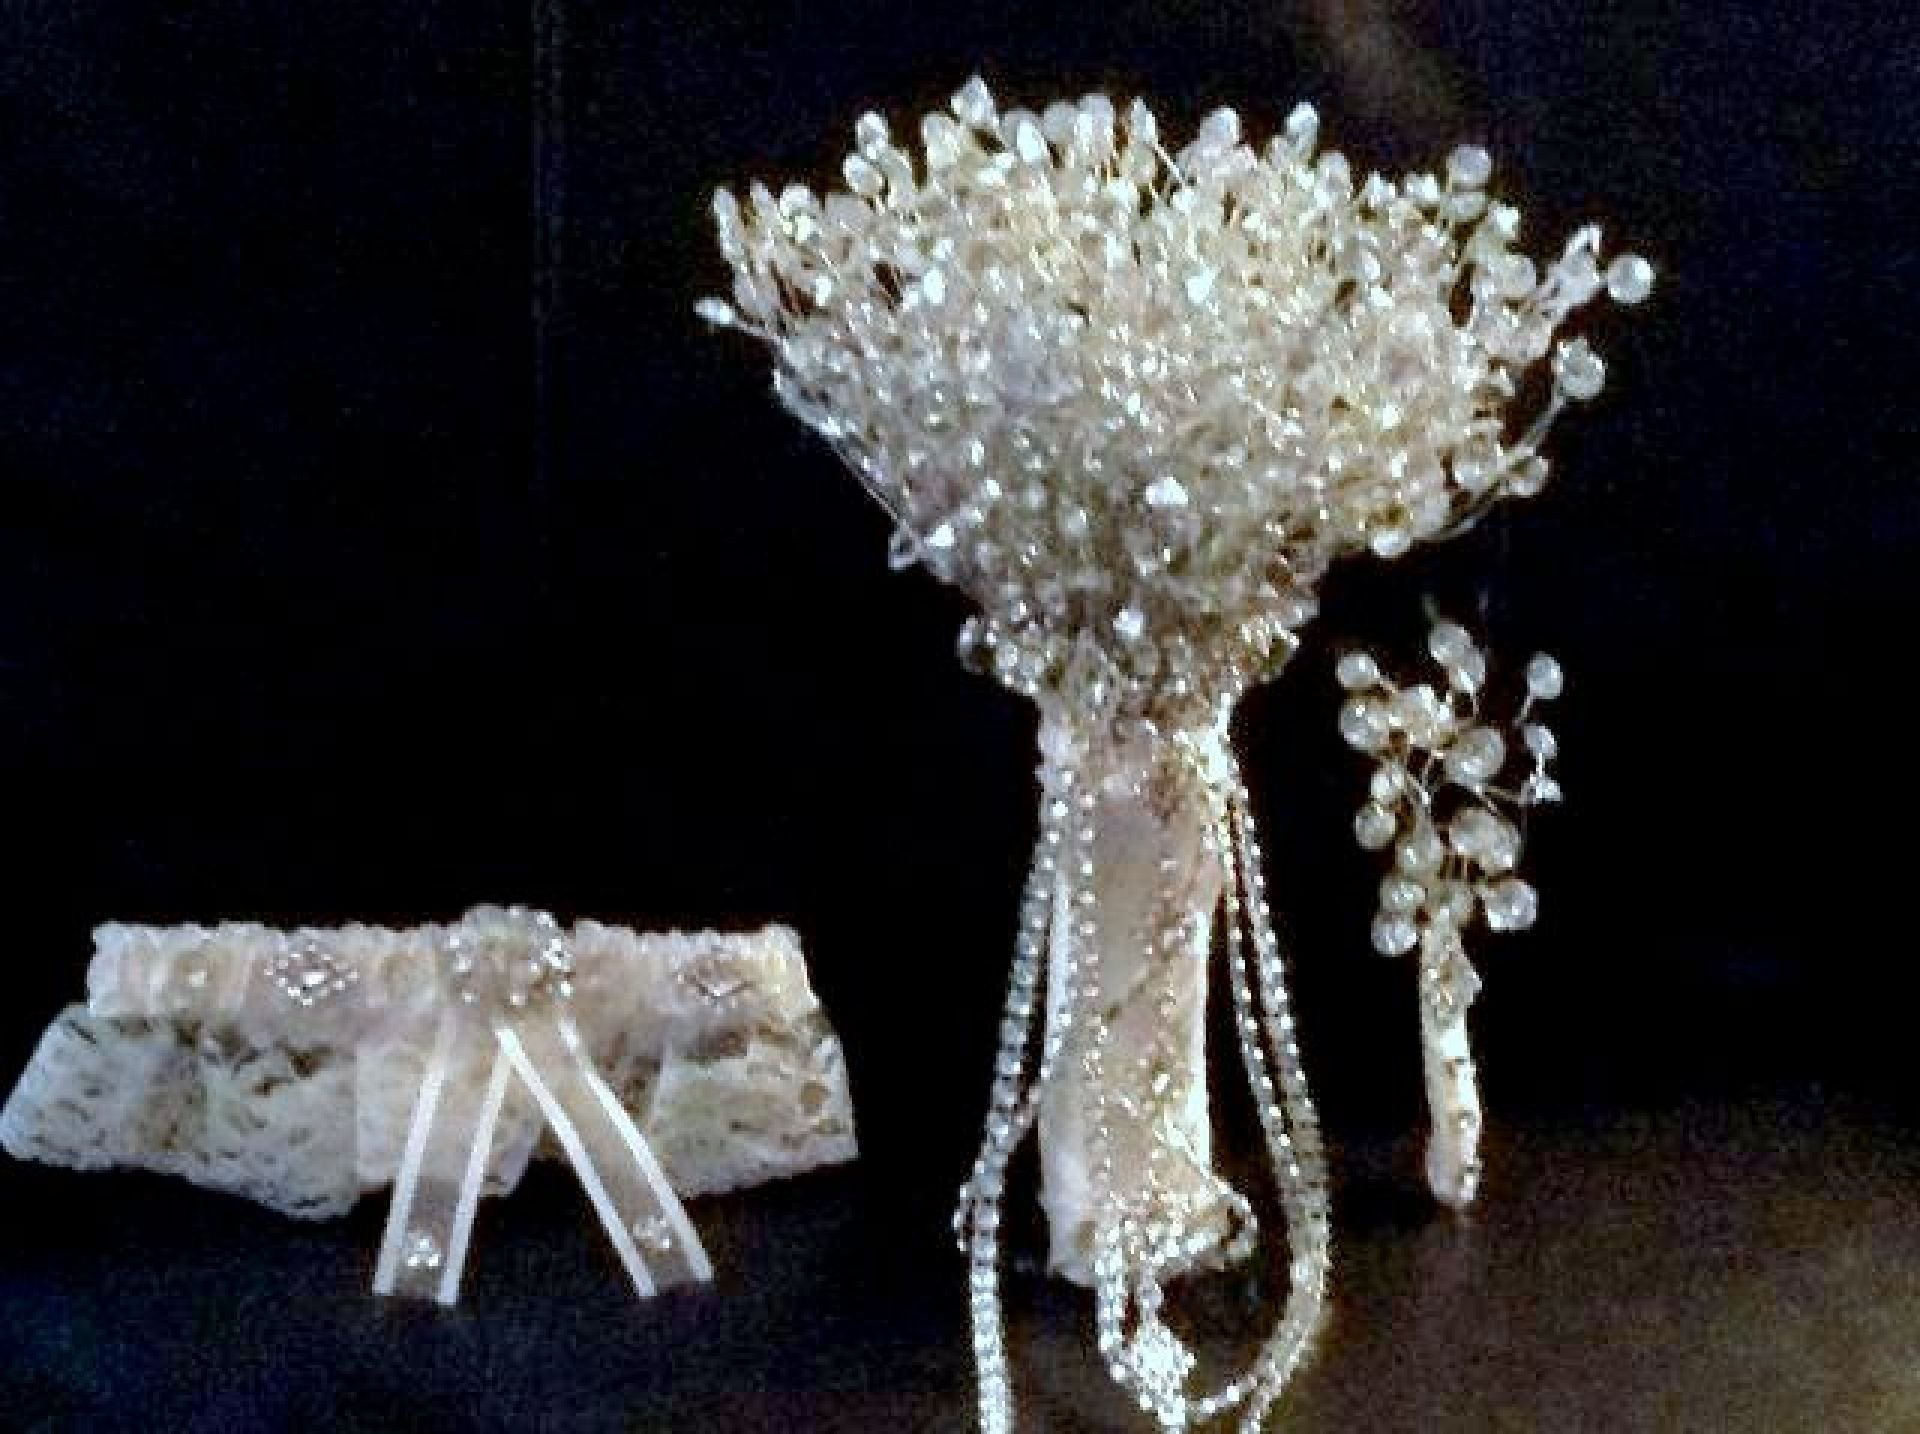 RHINESTONE WEDDING BOUQUET, GROOM'S BOUTONNIERE, GARTER BELT, BRIDAL BOUQUET 3 PC SET